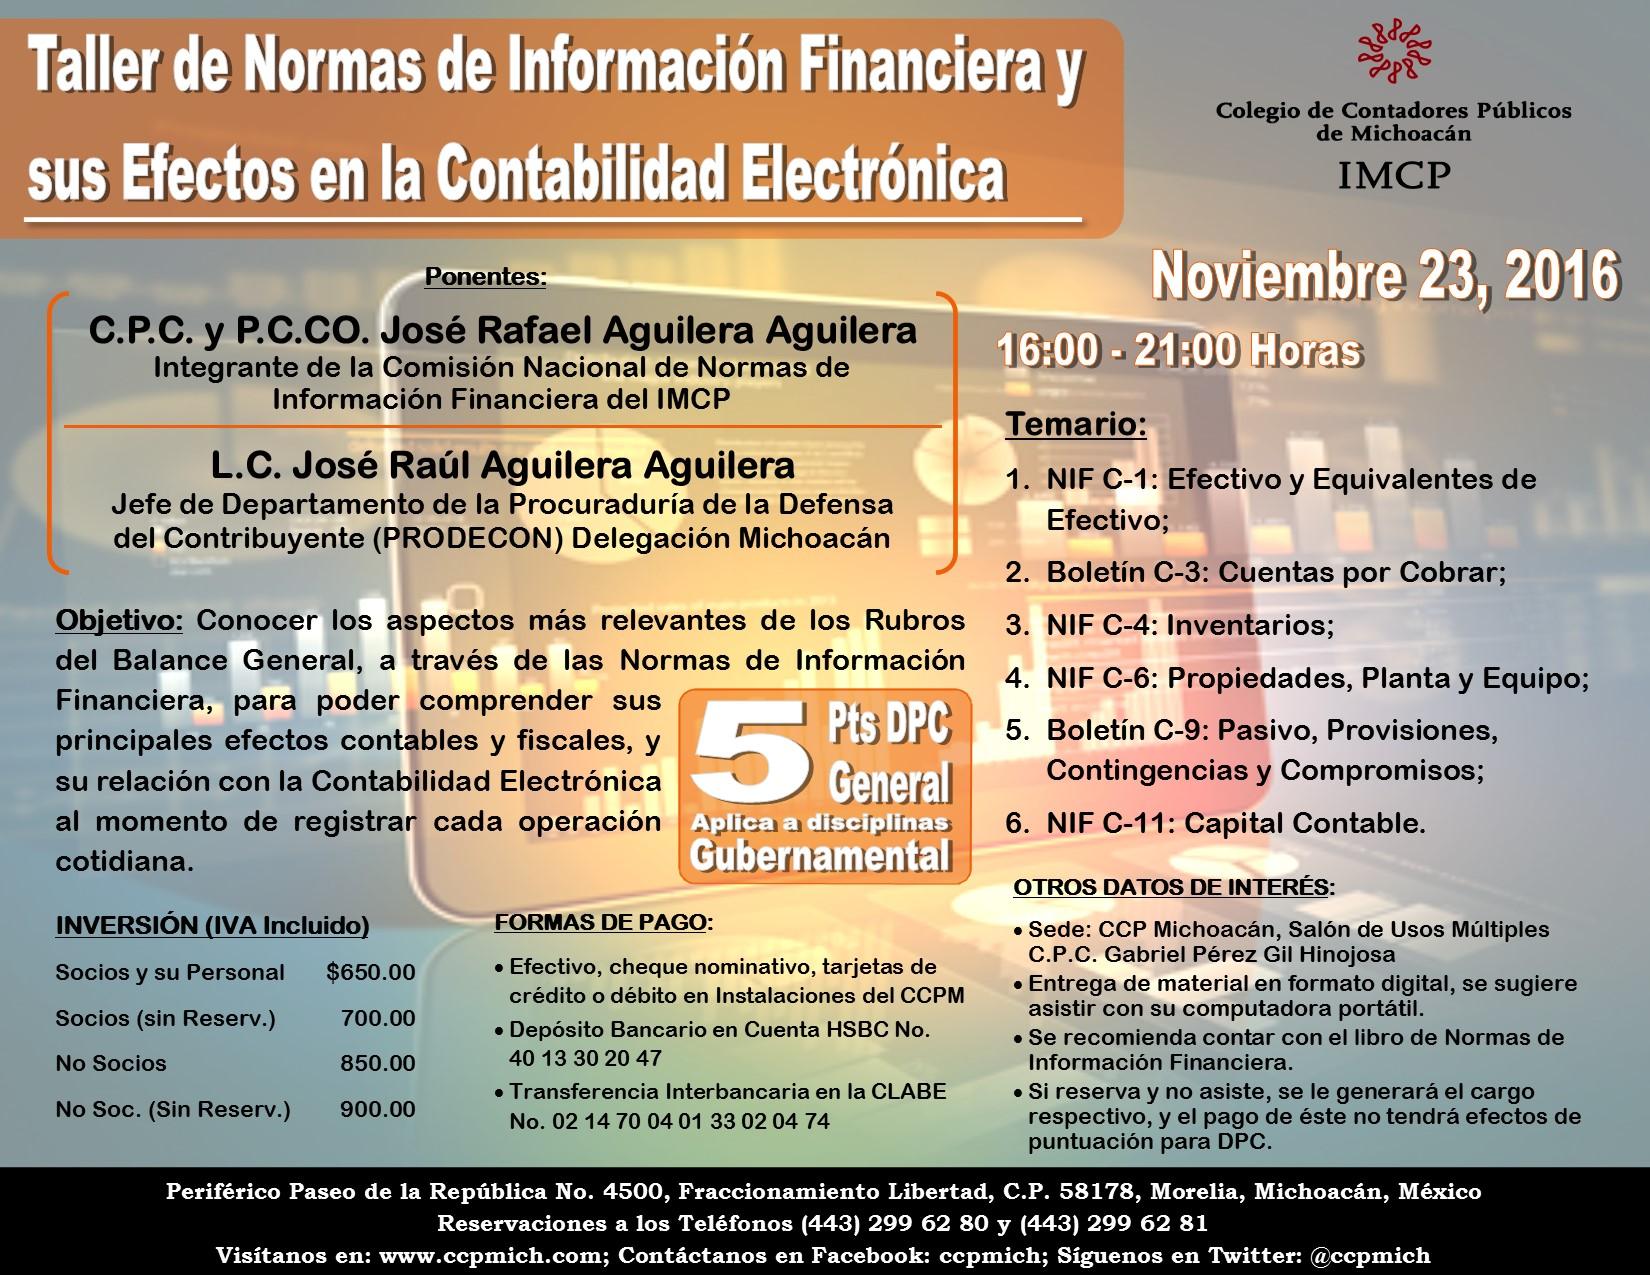 Colegio de Contadores Públicos de Michoacán